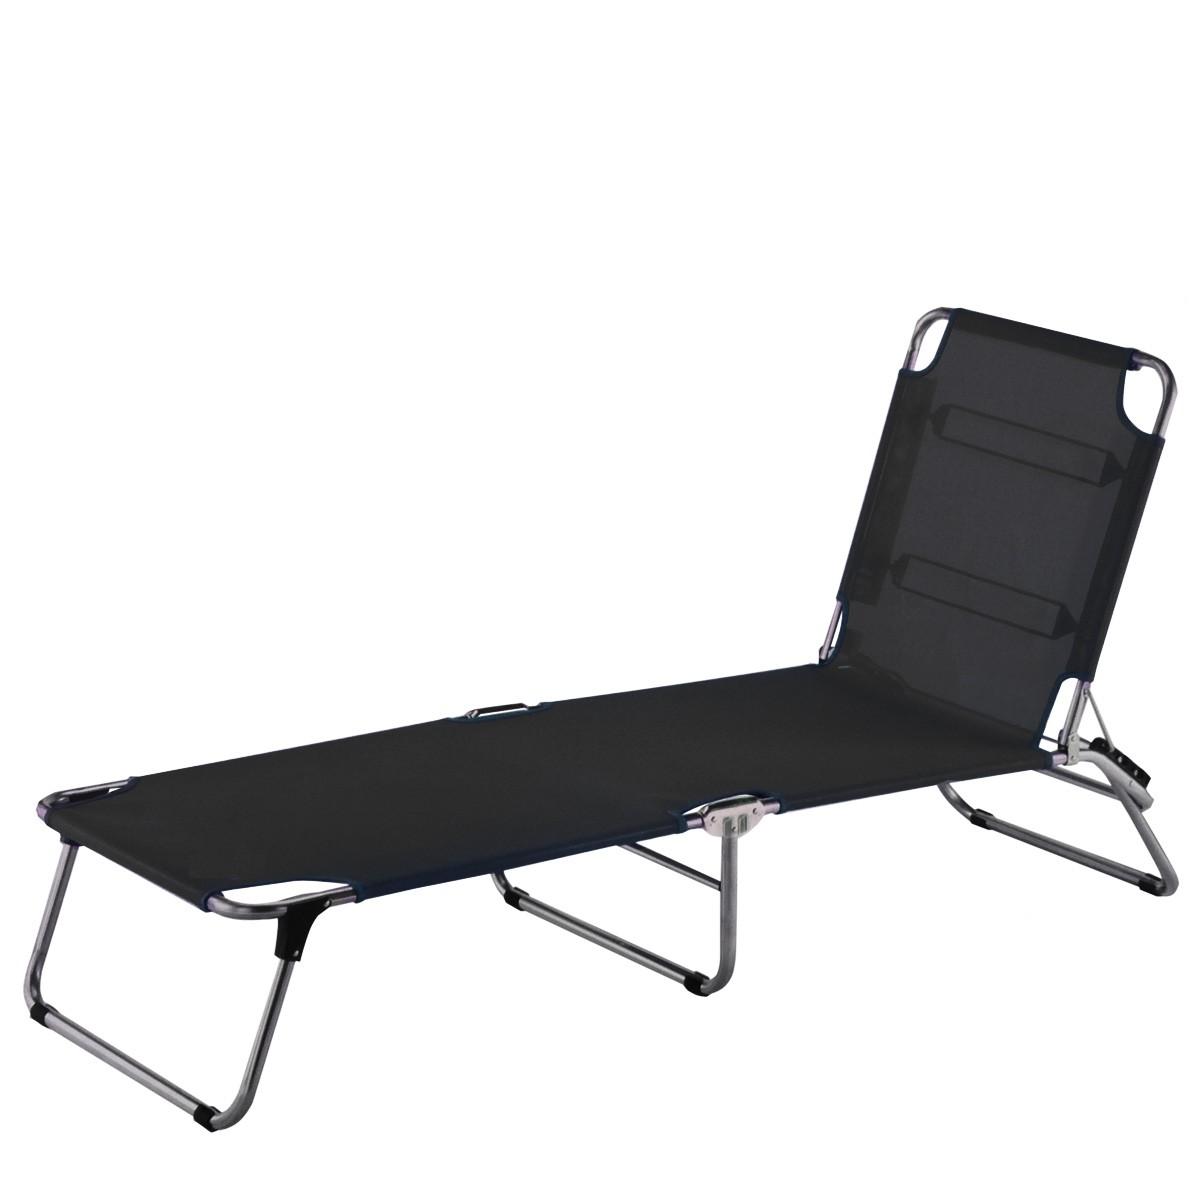 jan kurtz liege sonnenliege sunlounger fiam amigo fourty schwarz 42cm hoch eur 149 00. Black Bedroom Furniture Sets. Home Design Ideas